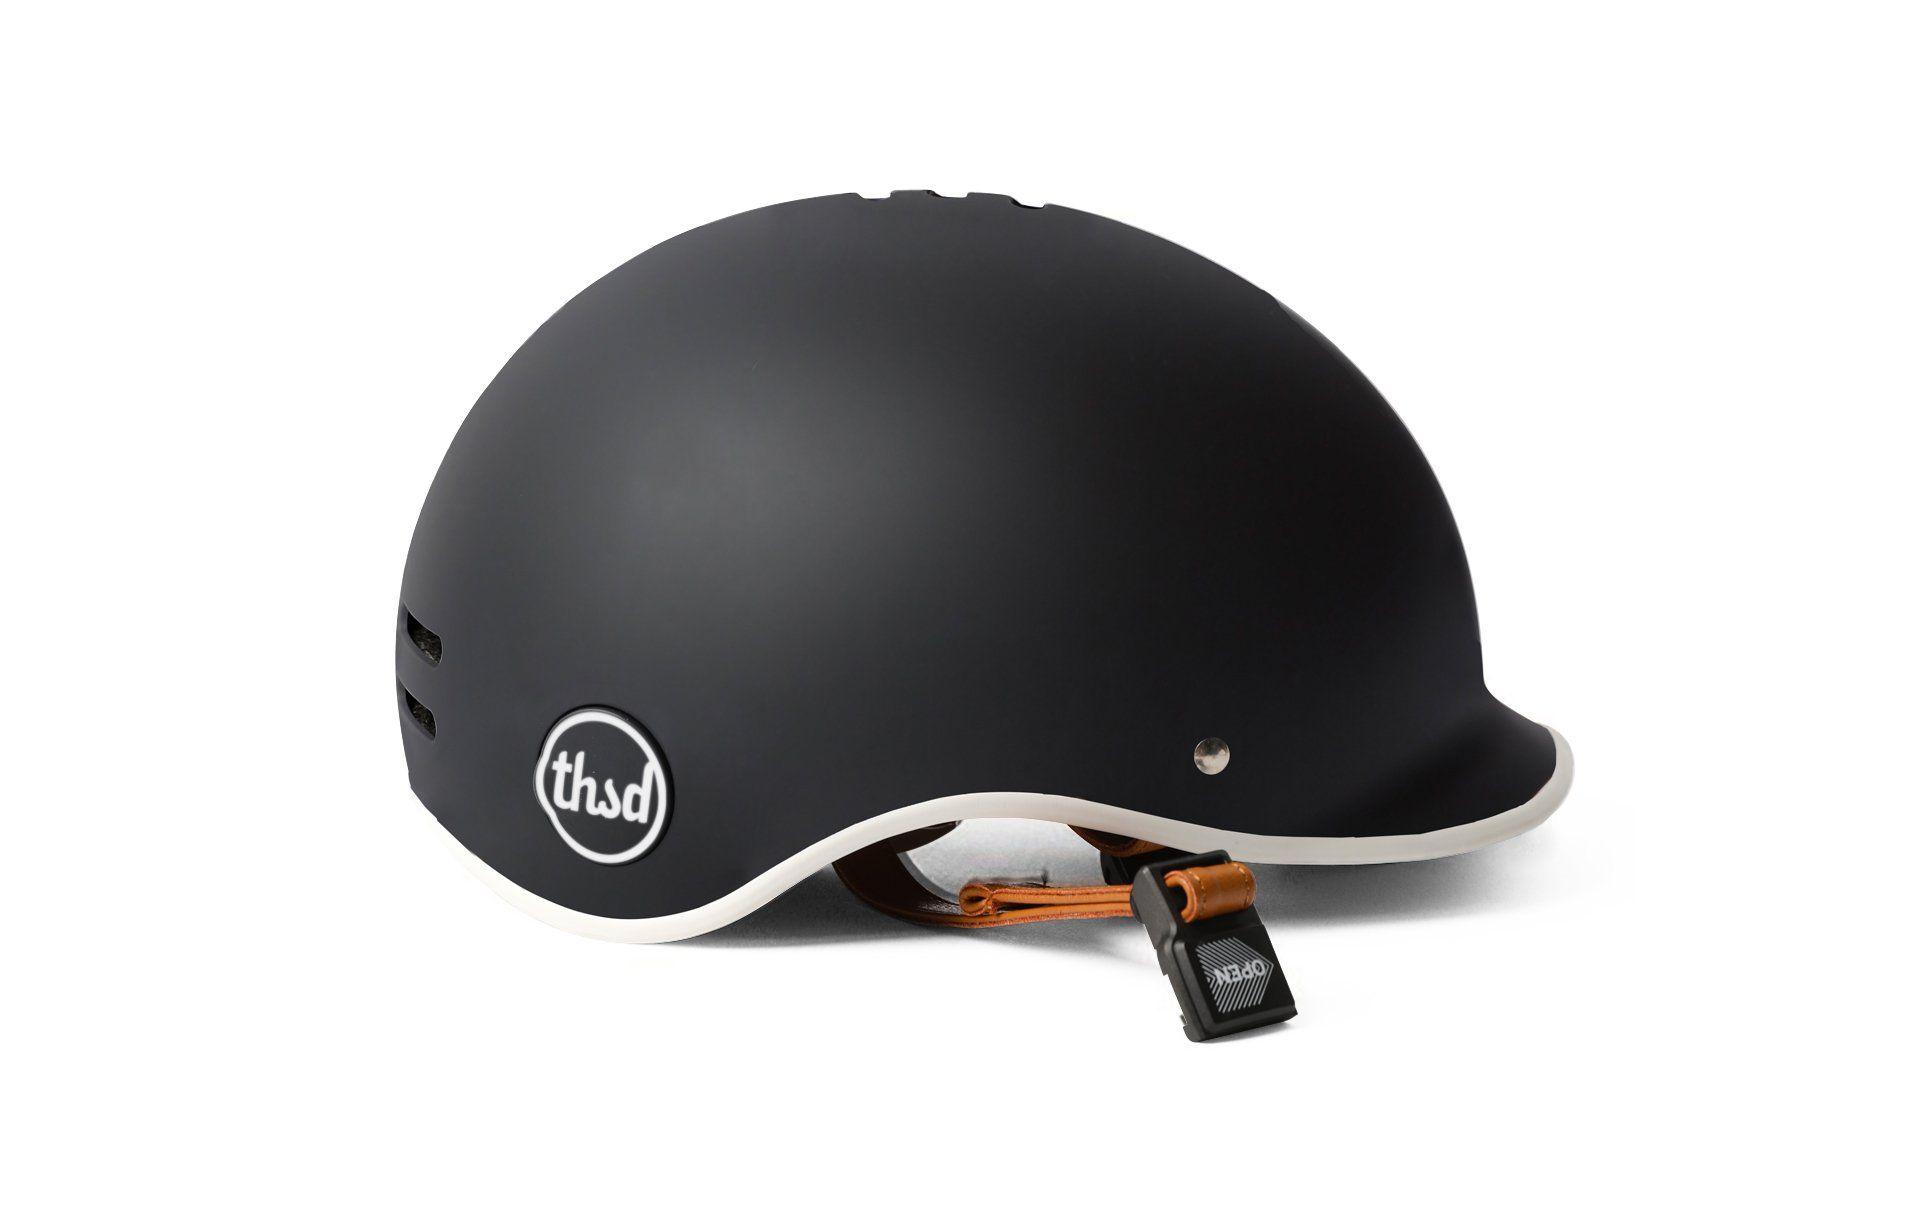 Heritage Bike Helmet In 2020 Cool Bike Helmets Helmet Retro Helmet